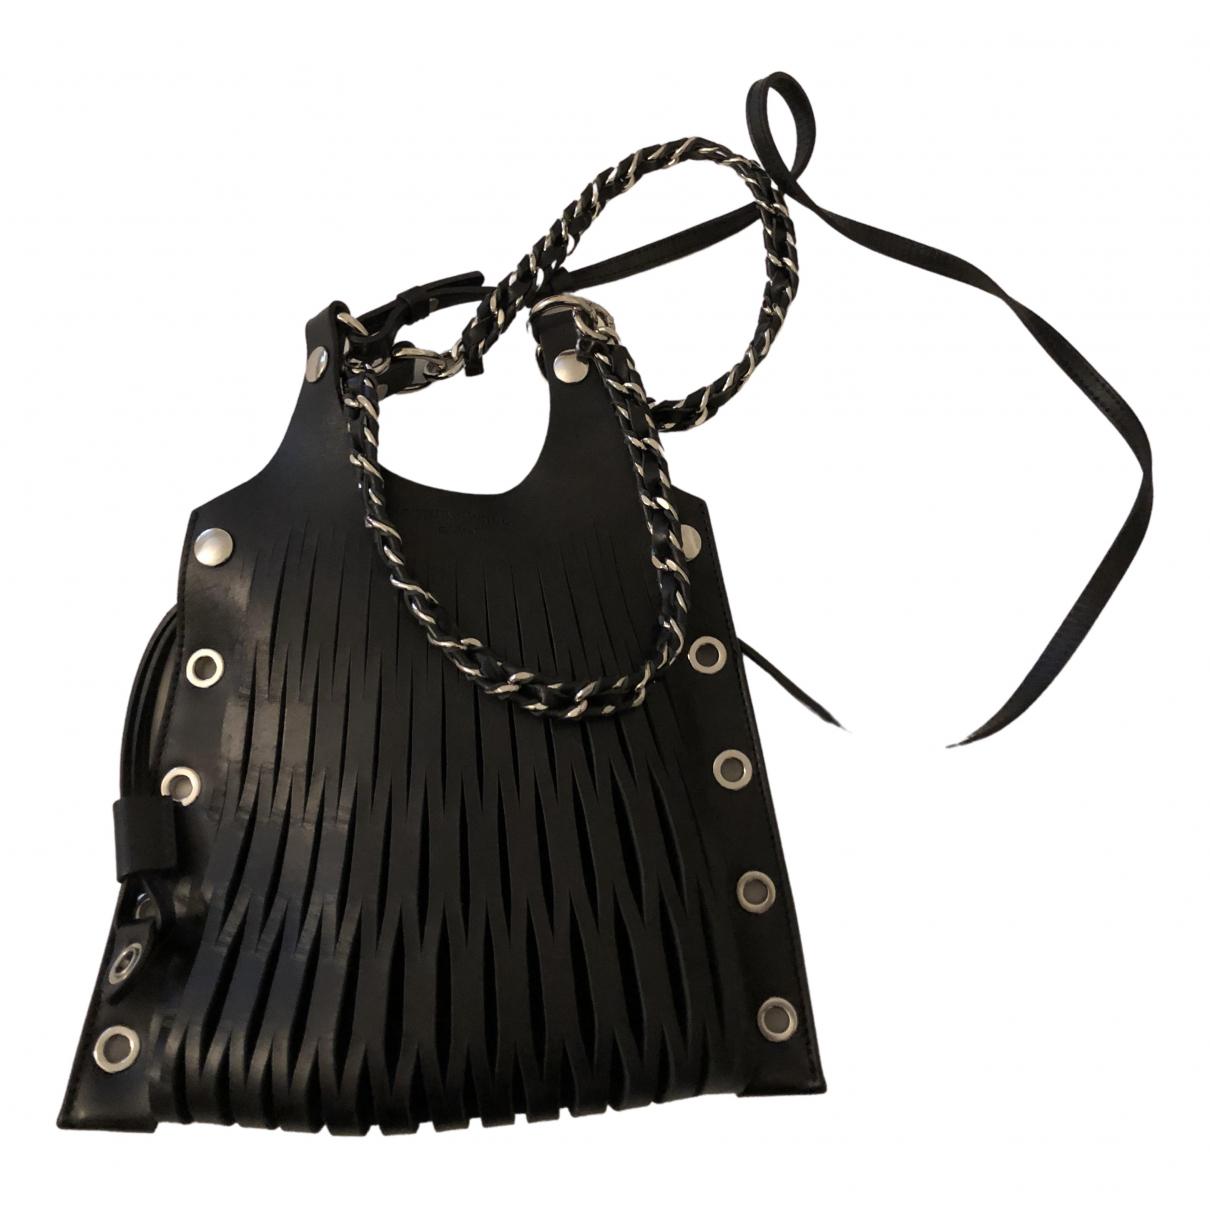 Sonia Rykiel Baltard Handtasche in  Schwarz Leder